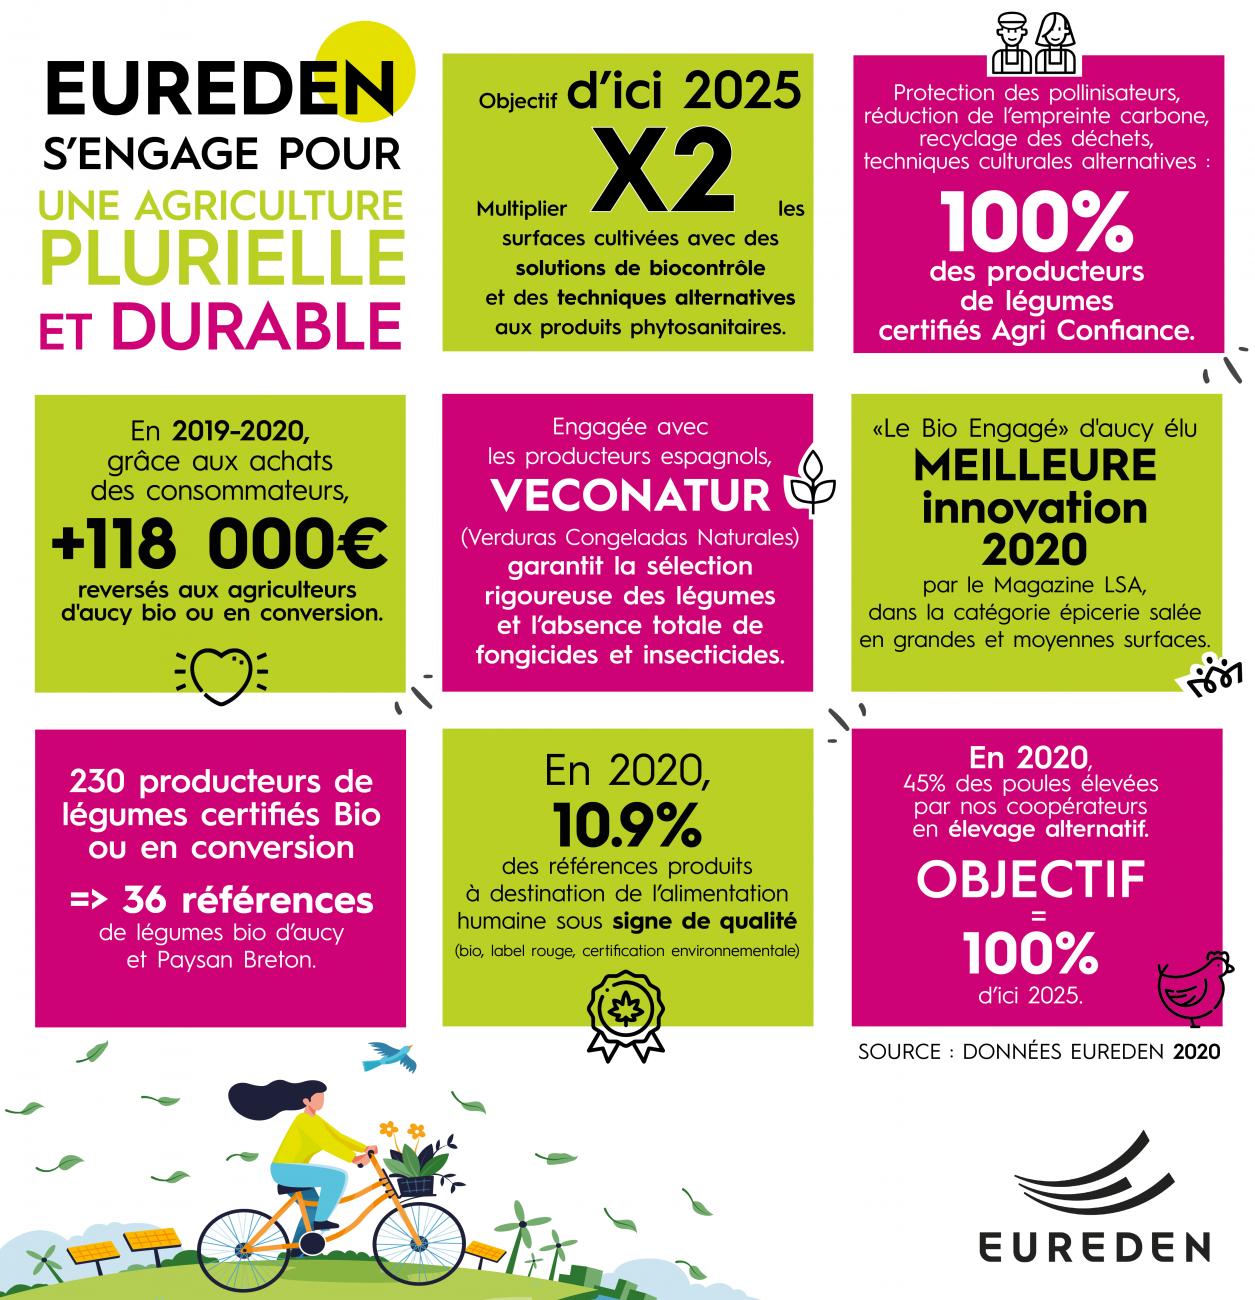 EUREDEN | Semaines du développement durable #SEDD2021 thème 1